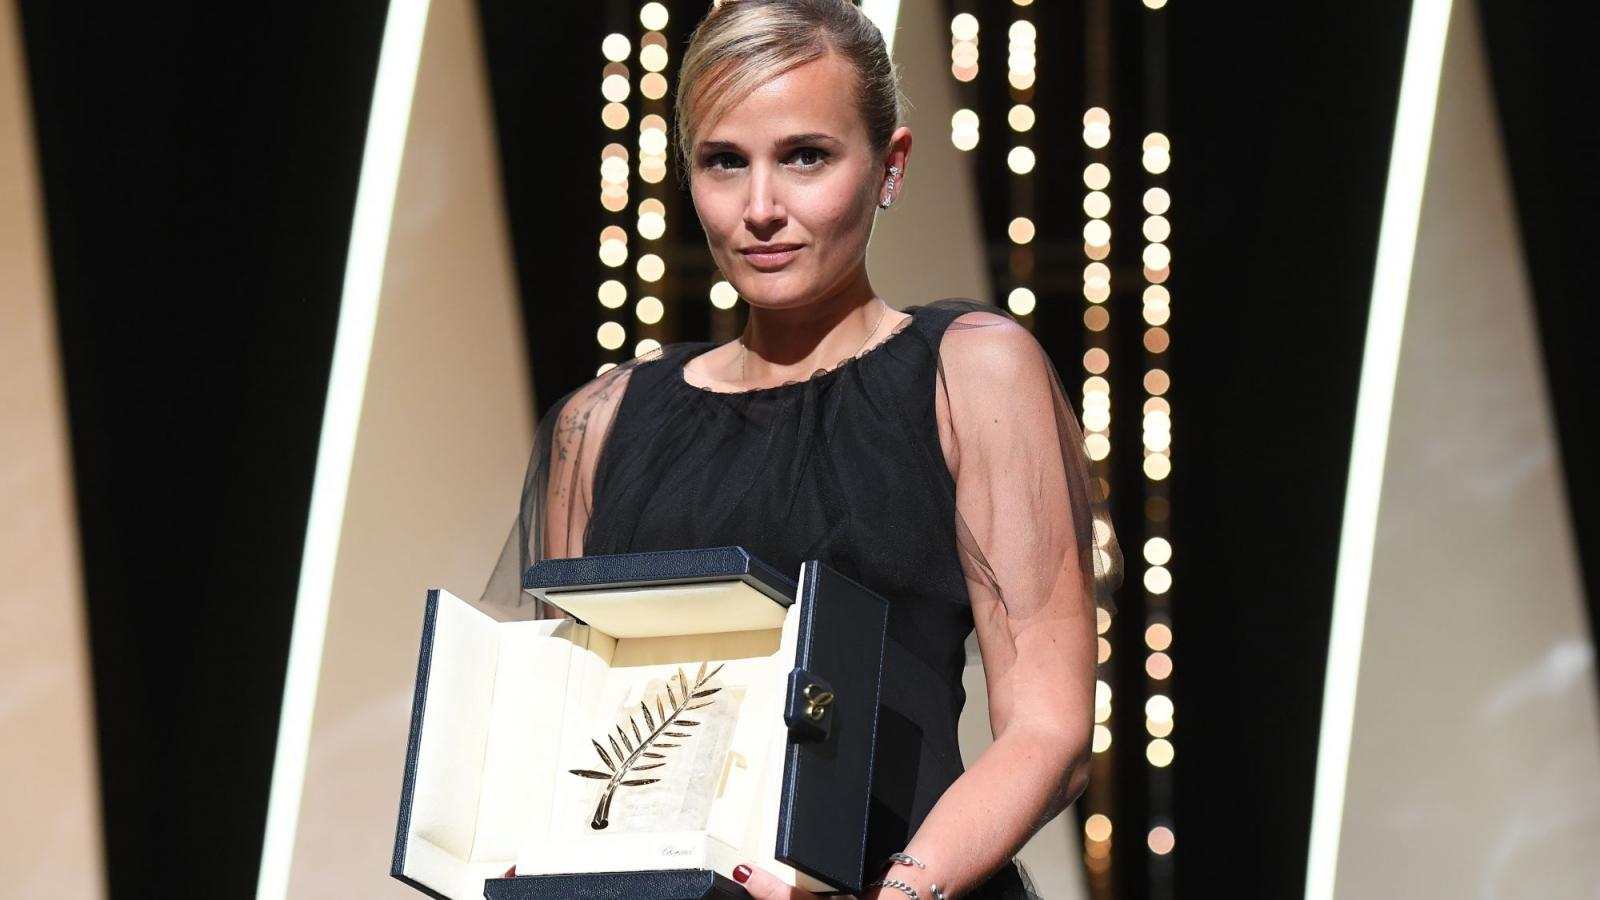 """Nữ đạo diễn Julia Ducournau làm nên lịch sử với giải """"Cành cọ vàng"""" cho bộ phim """"Titane"""""""